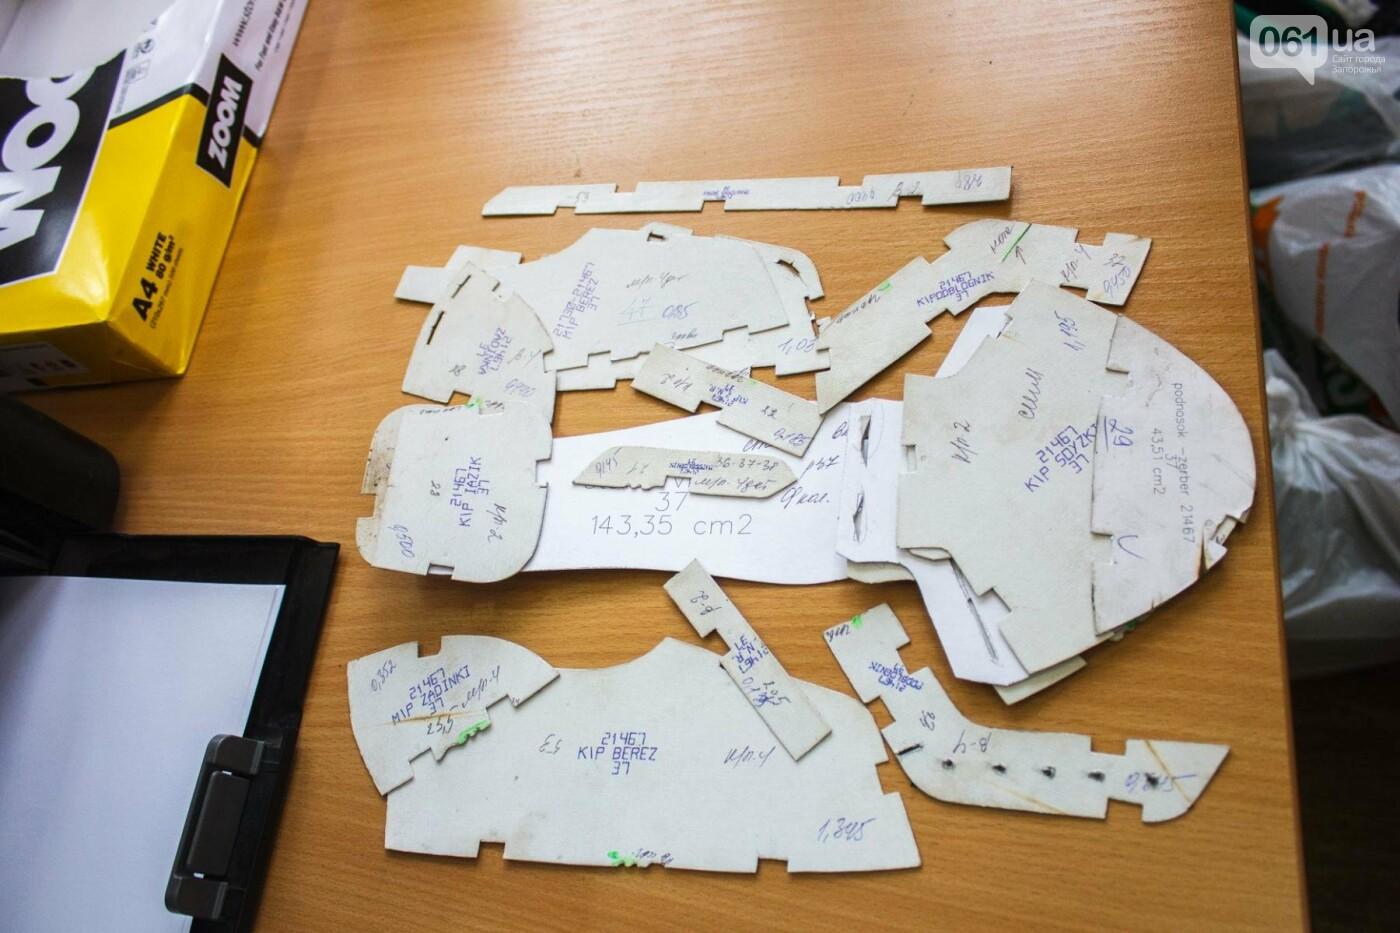 Как создается обувь: экскурсия на запорожскую обувную фабрику, – ФОТОРЕПОРТАЖ, фото-38